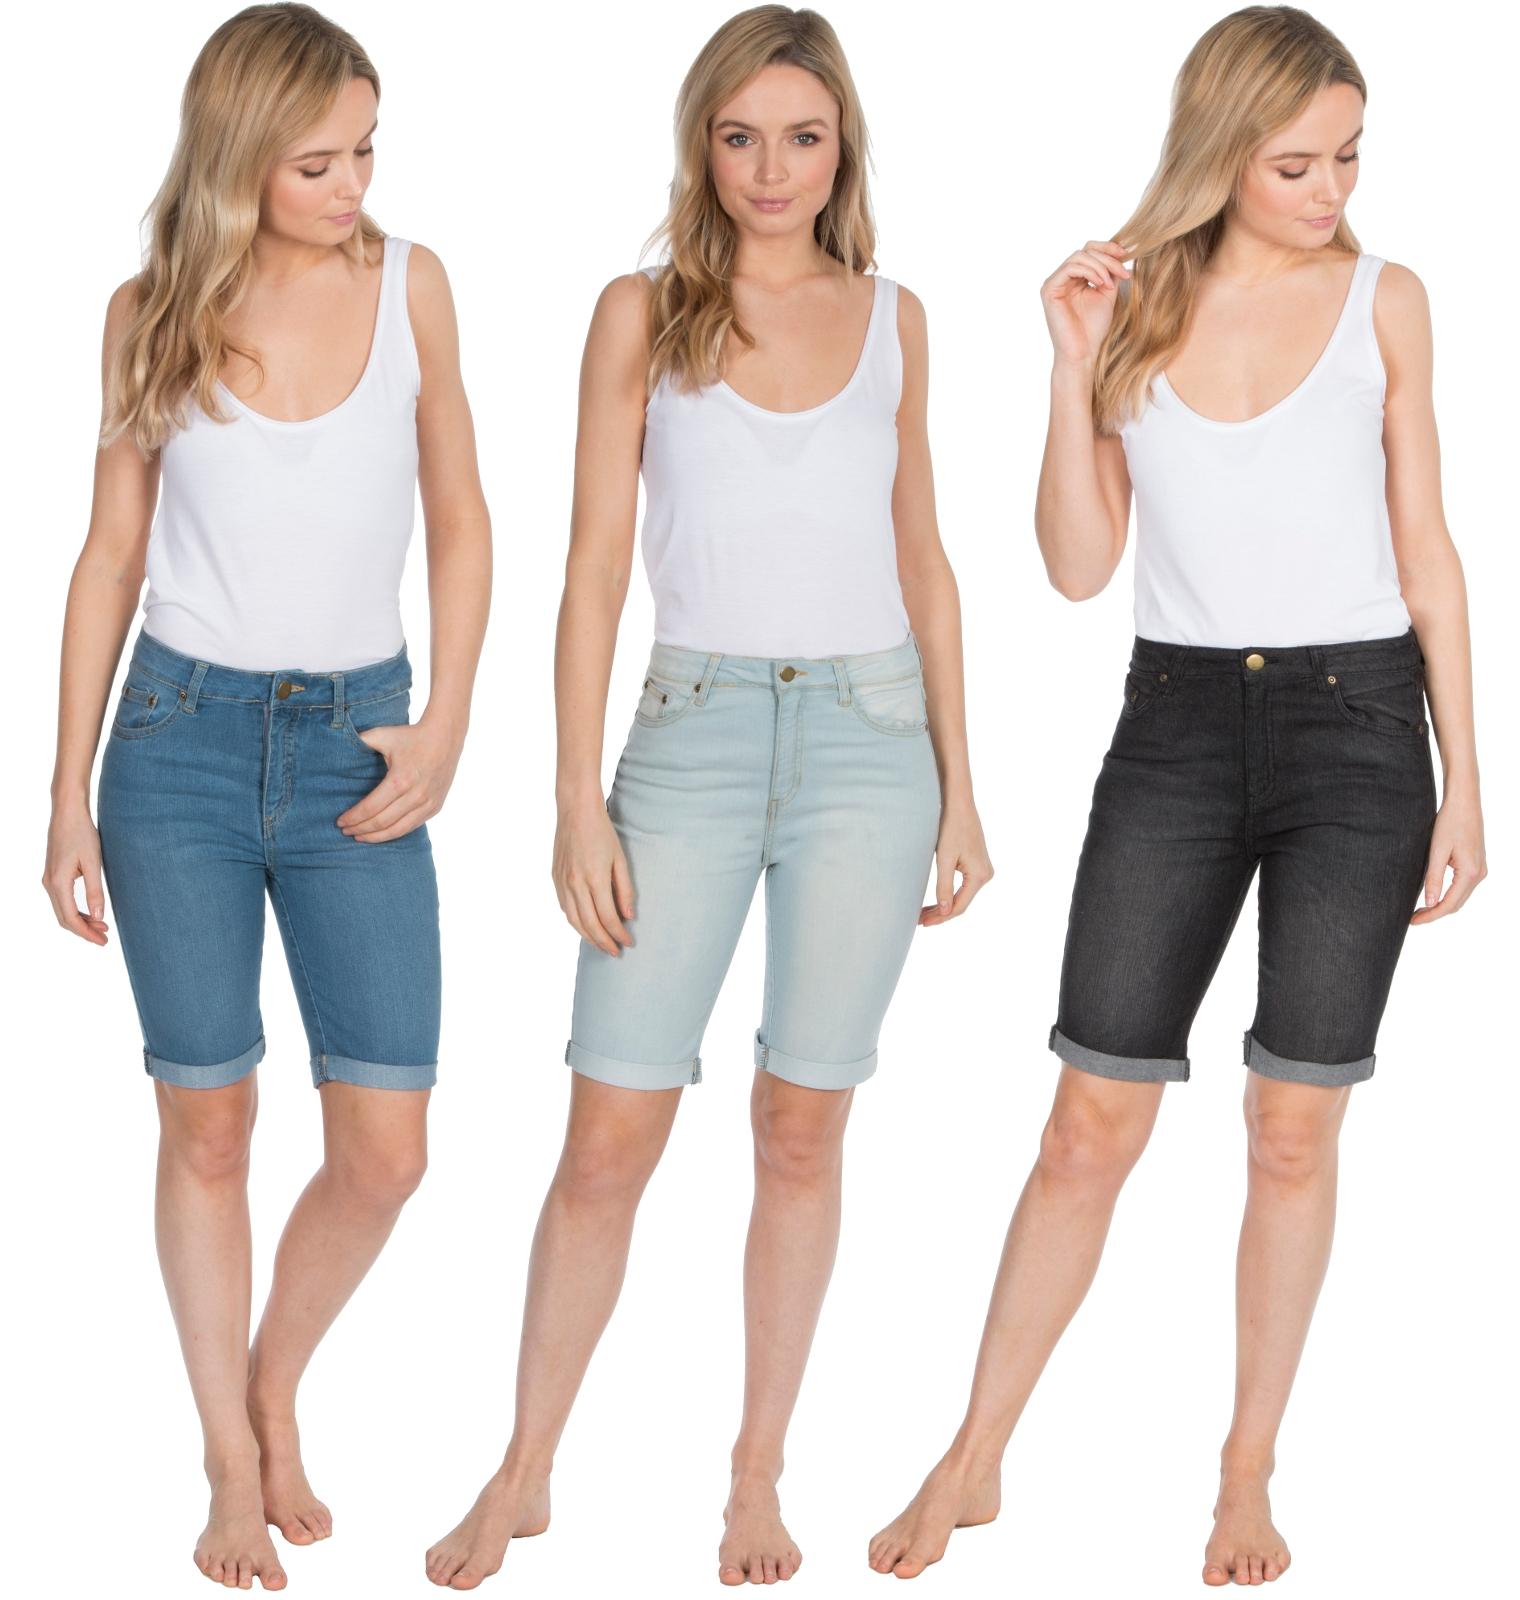 white nike compression tights